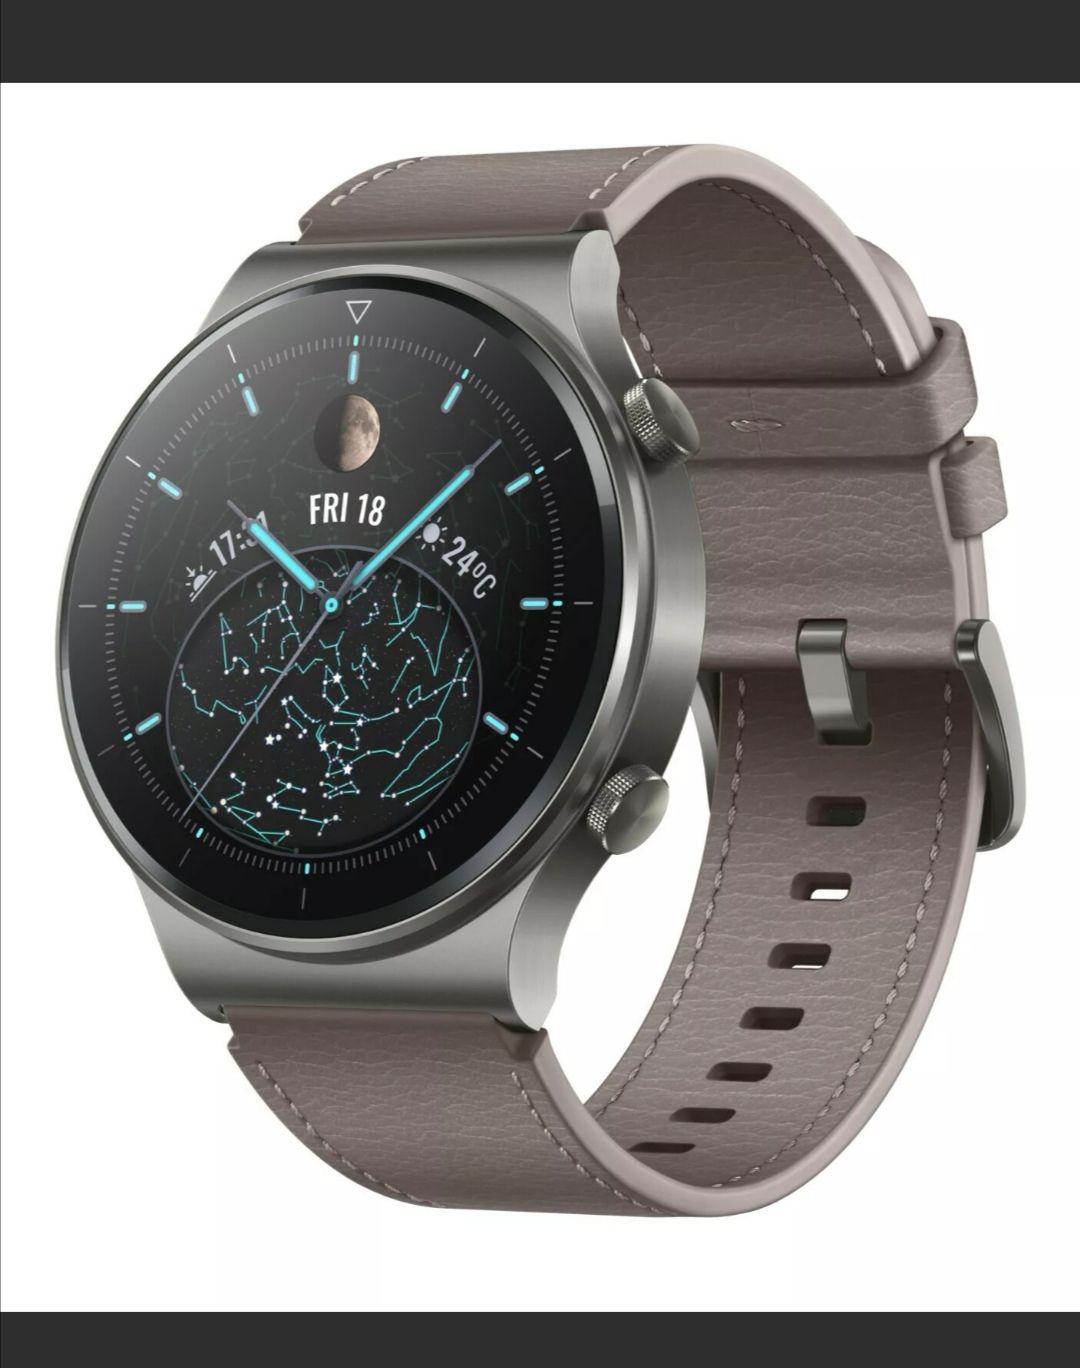 HUAWEI WATCH GT 2 Pro Sport Smartwatch, Kunststoff, 140-210 mm, Grau mit Code zum Bestpreis